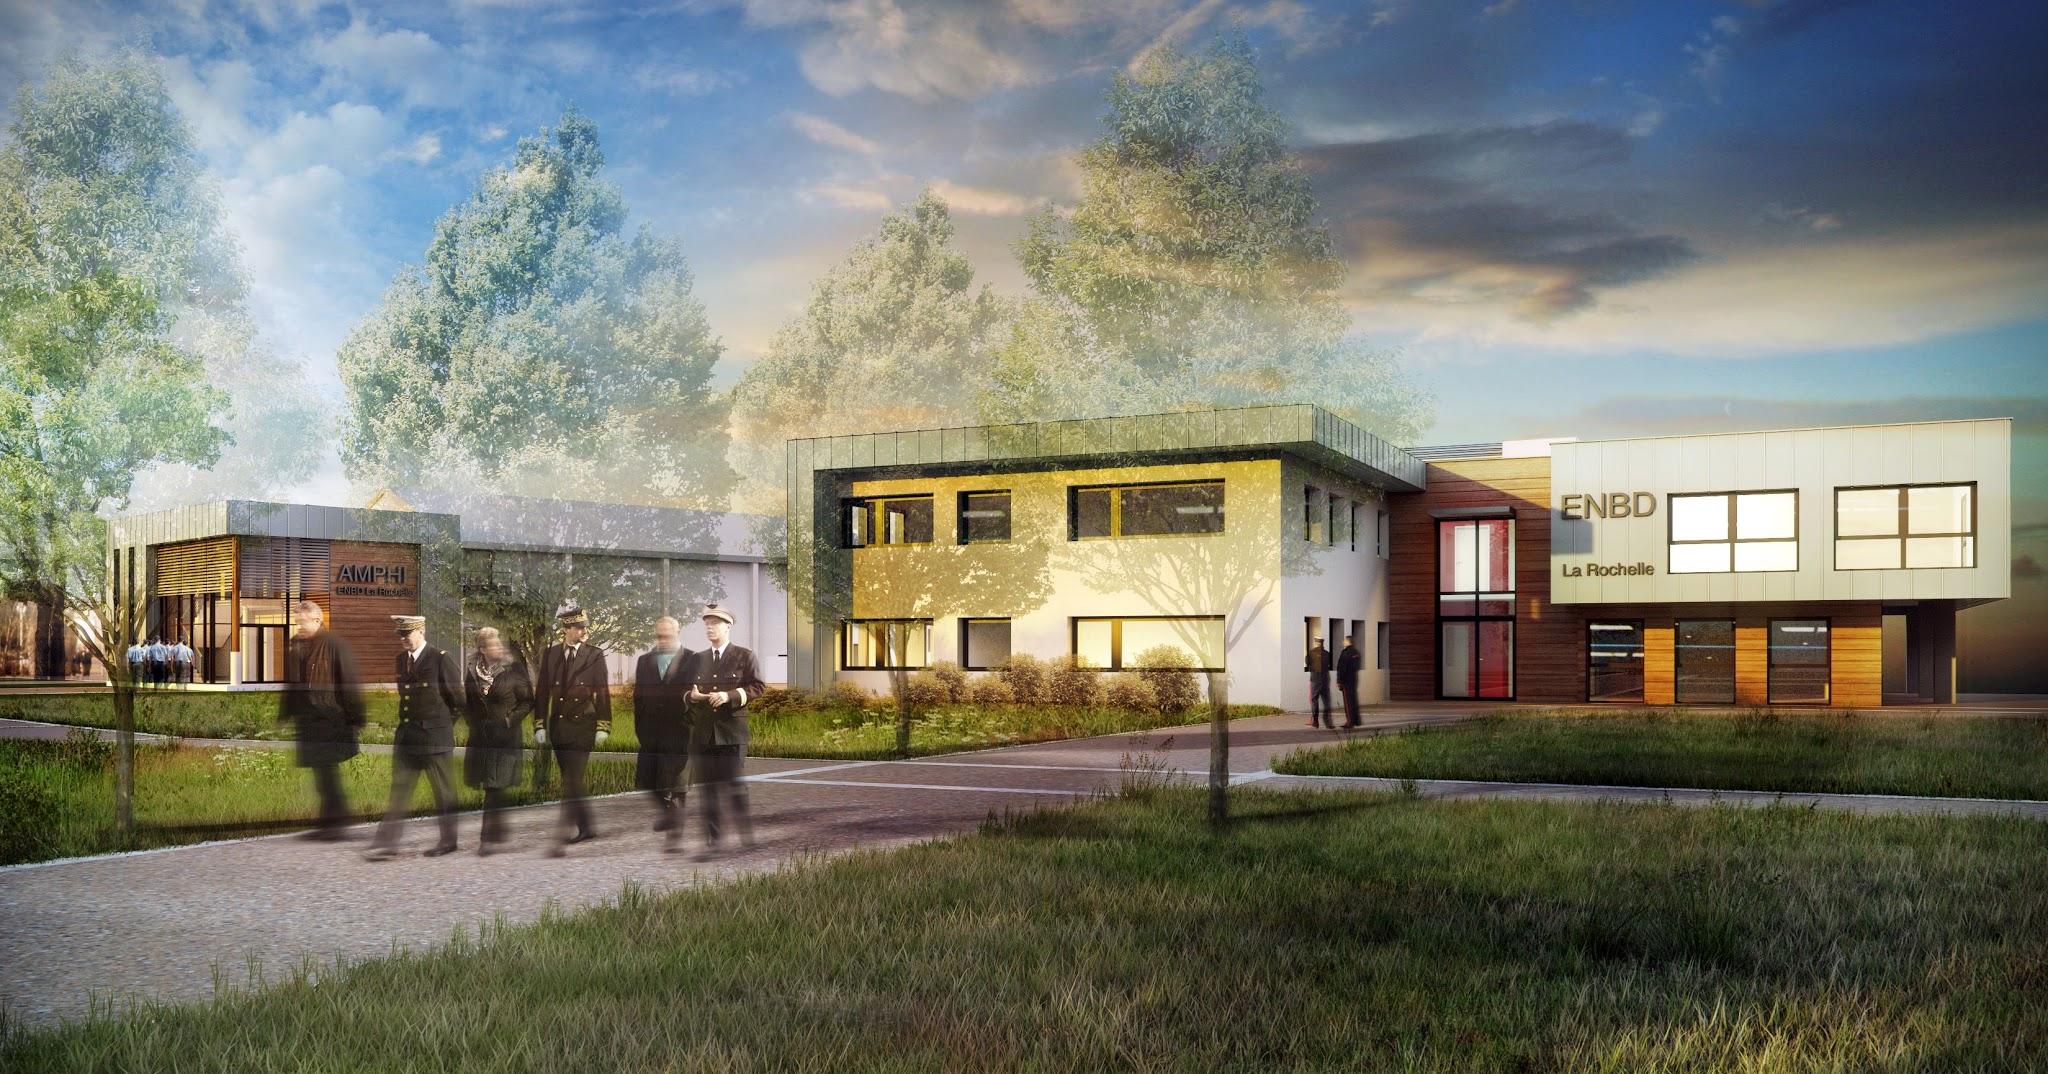 Architecture École Nationale des douanes